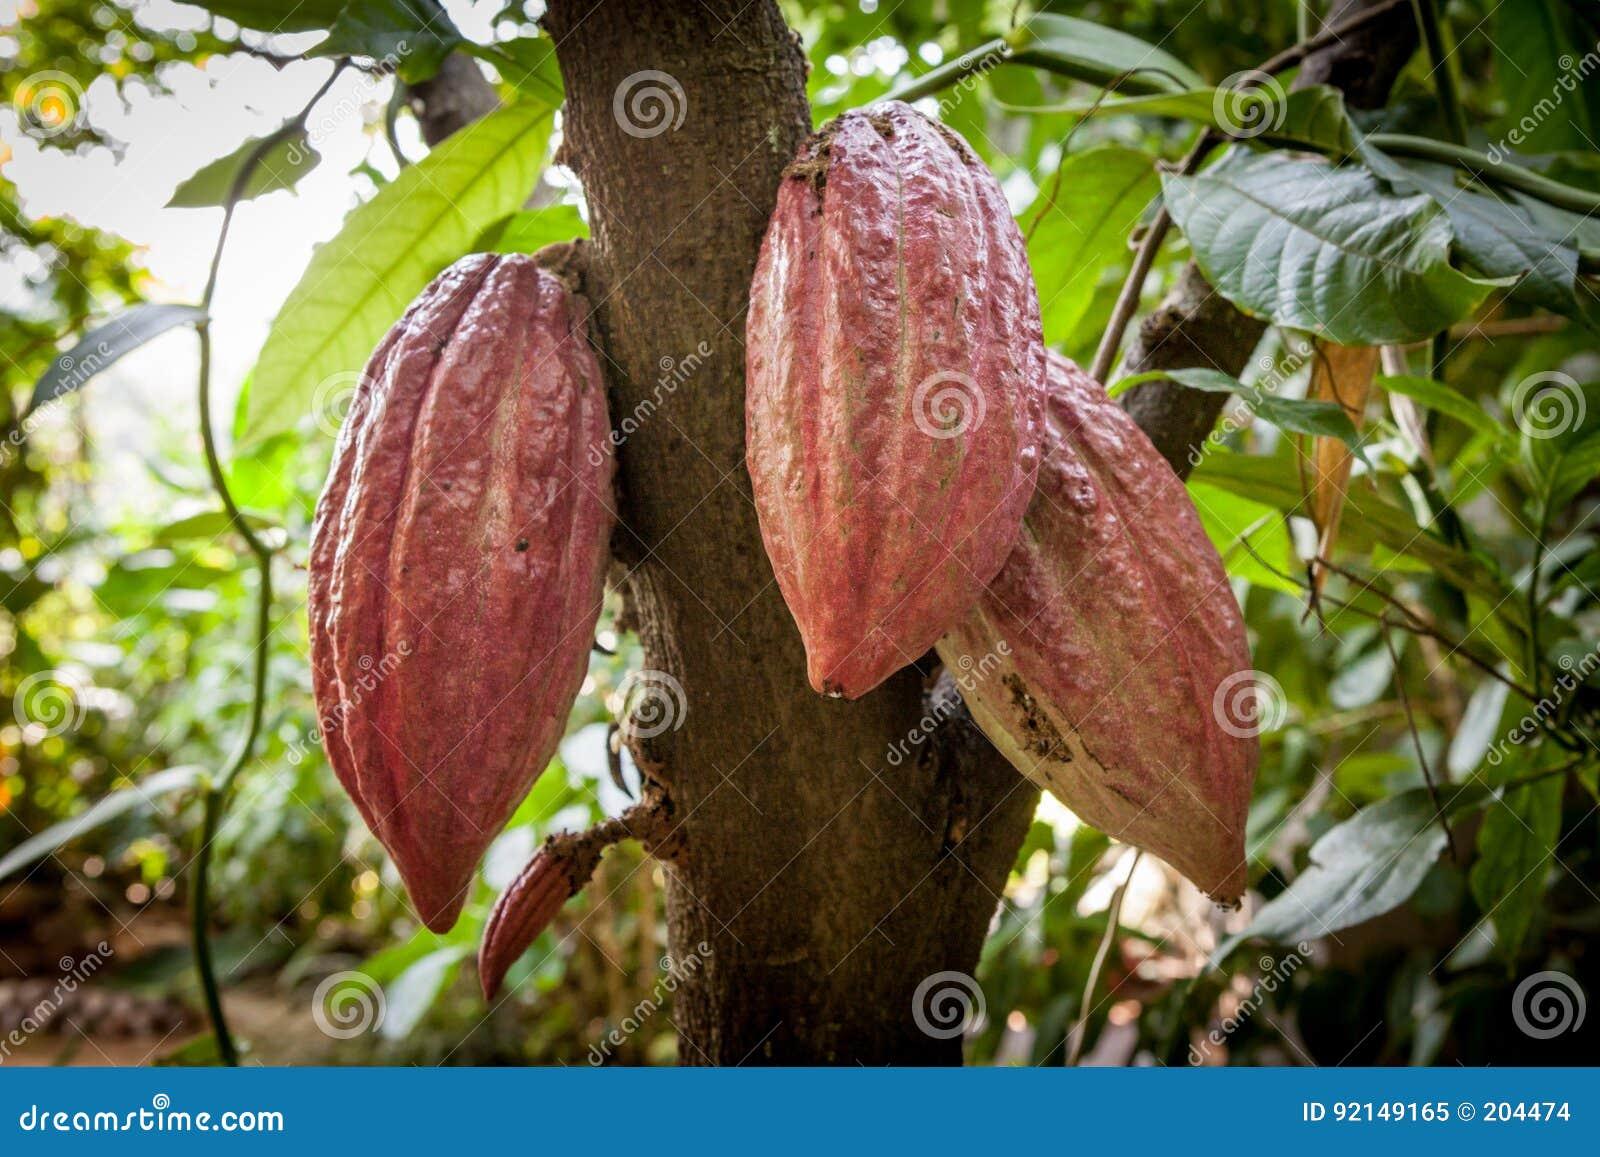 Cacao drzewa Theobroma cacao Organicznie kakaowi owoc strąki w naturze